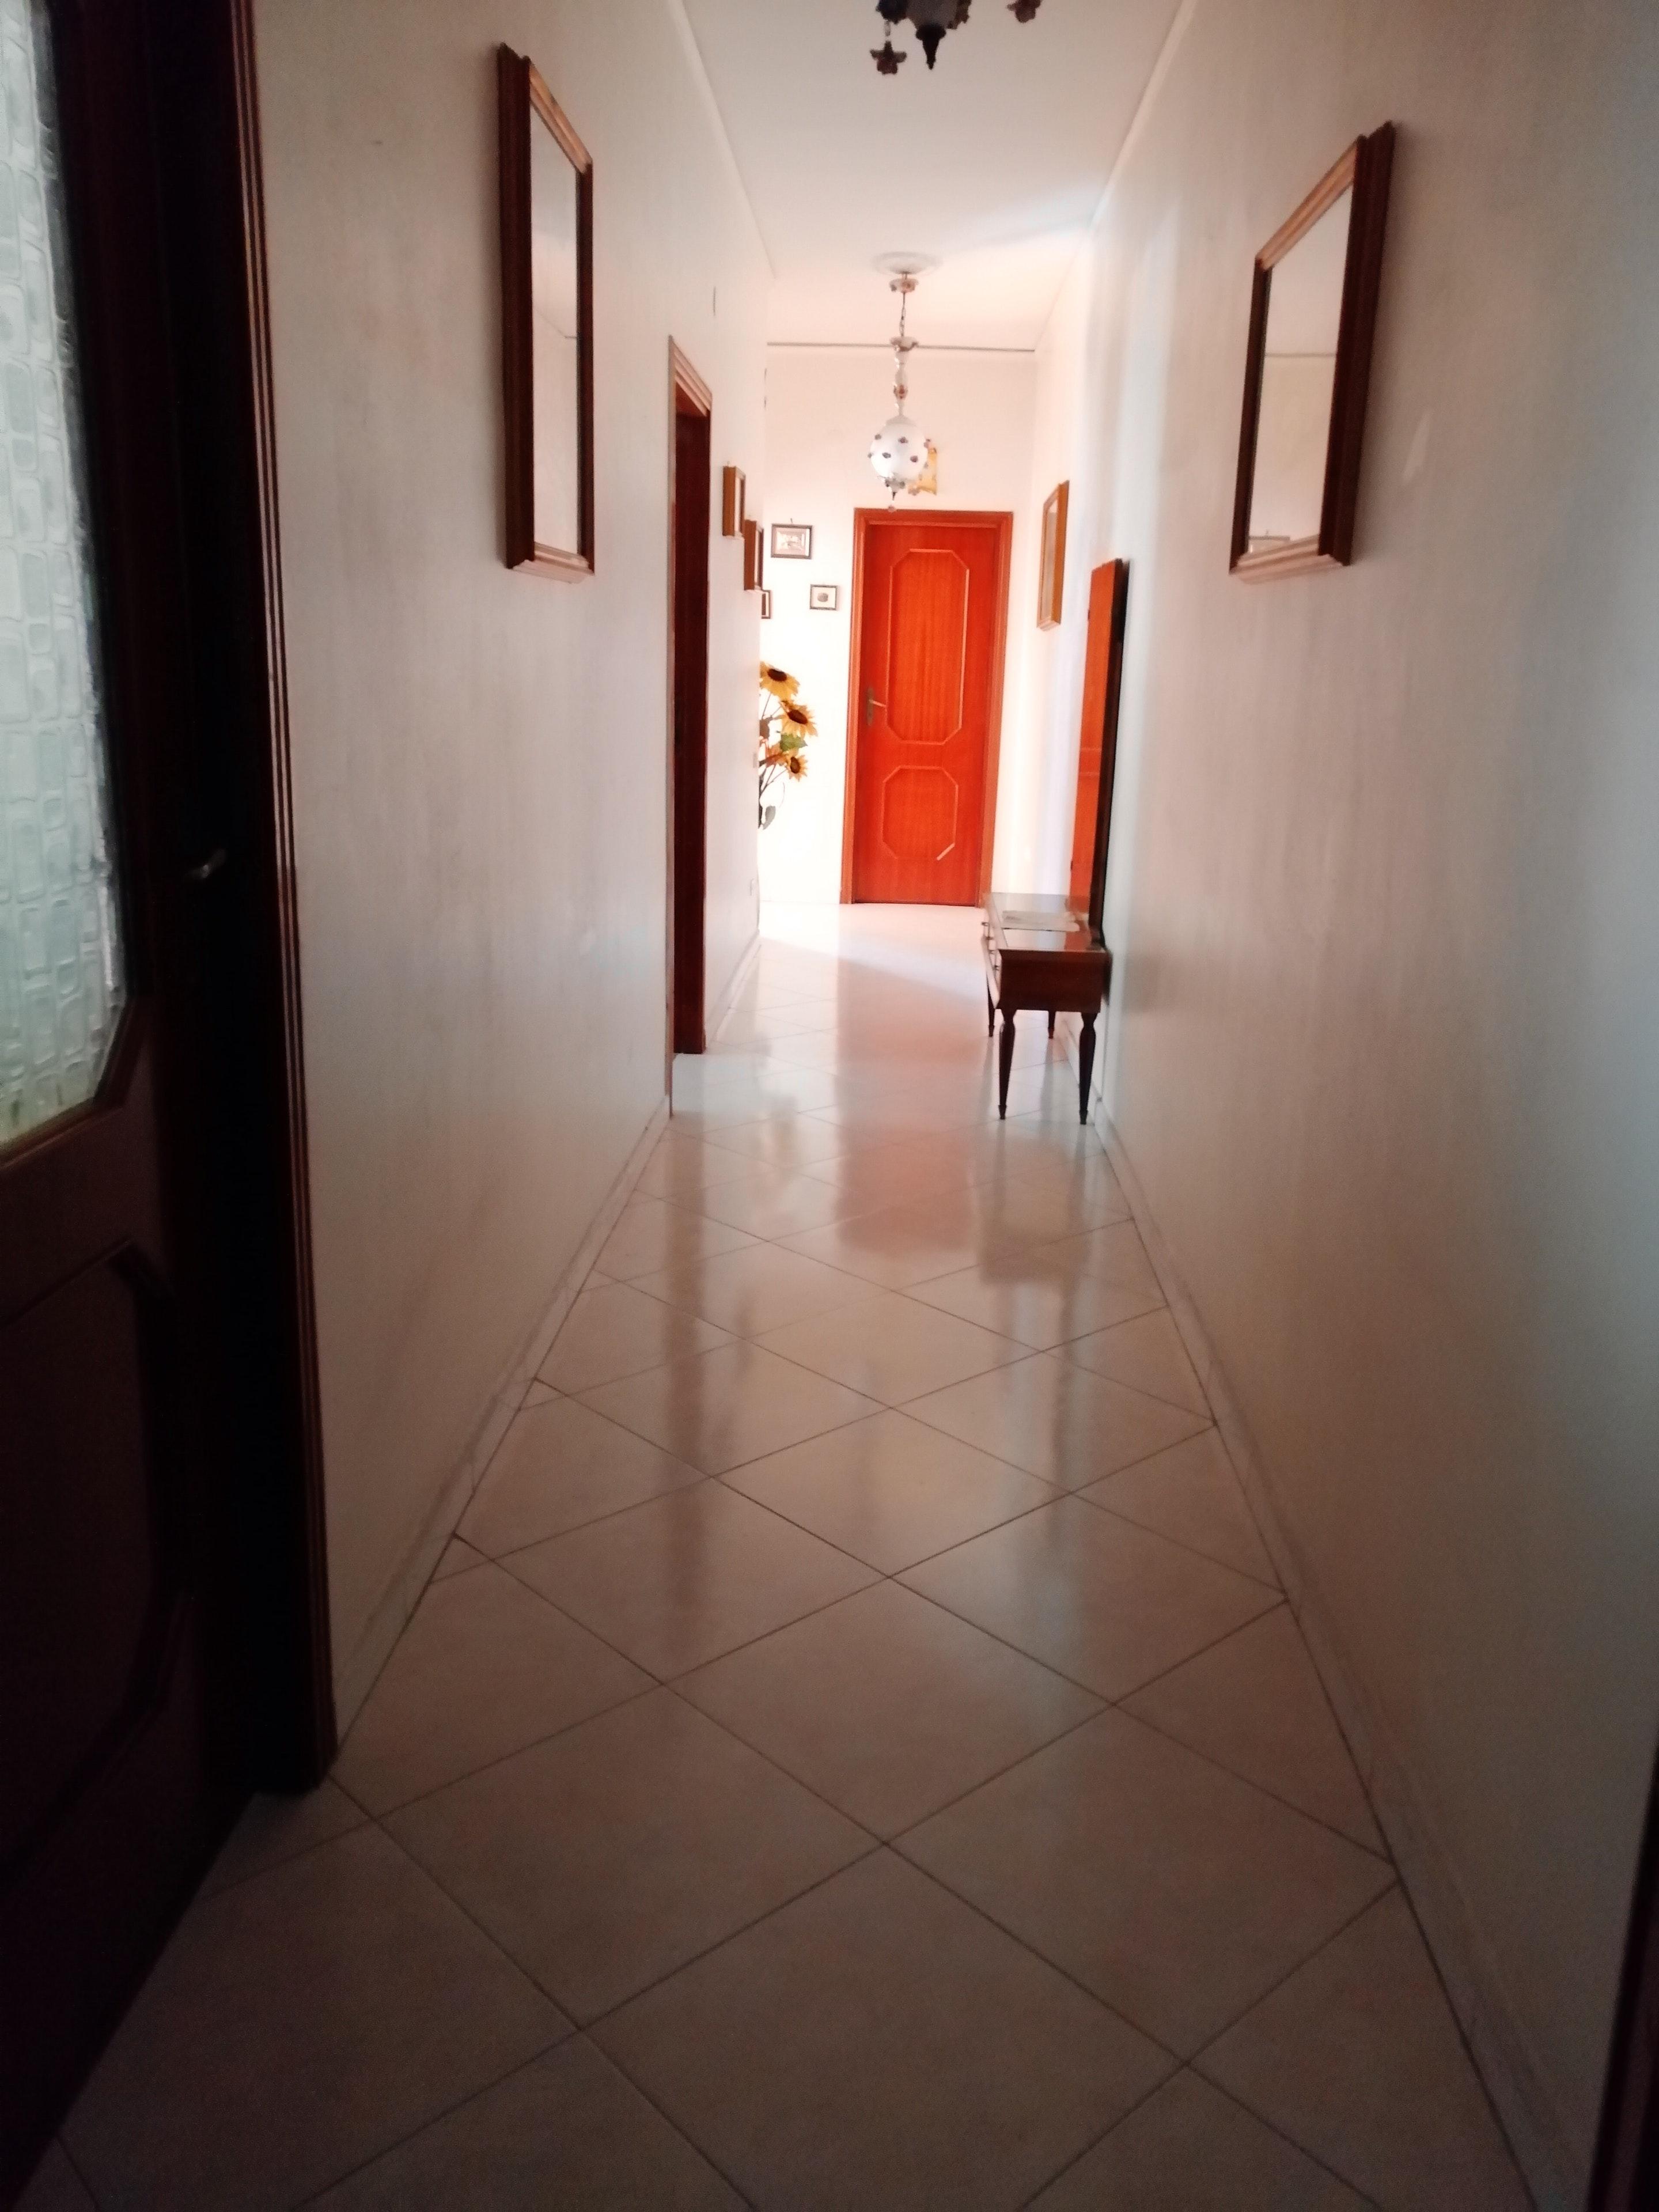 Ferienwohnung Wohnung mit 3 Schlafzimmern in Pagani mit schöner Aussicht auf die Stadt, Balkon und W-LAN (2690733), Pagani, Salerno, Kampanien, Italien, Bild 4